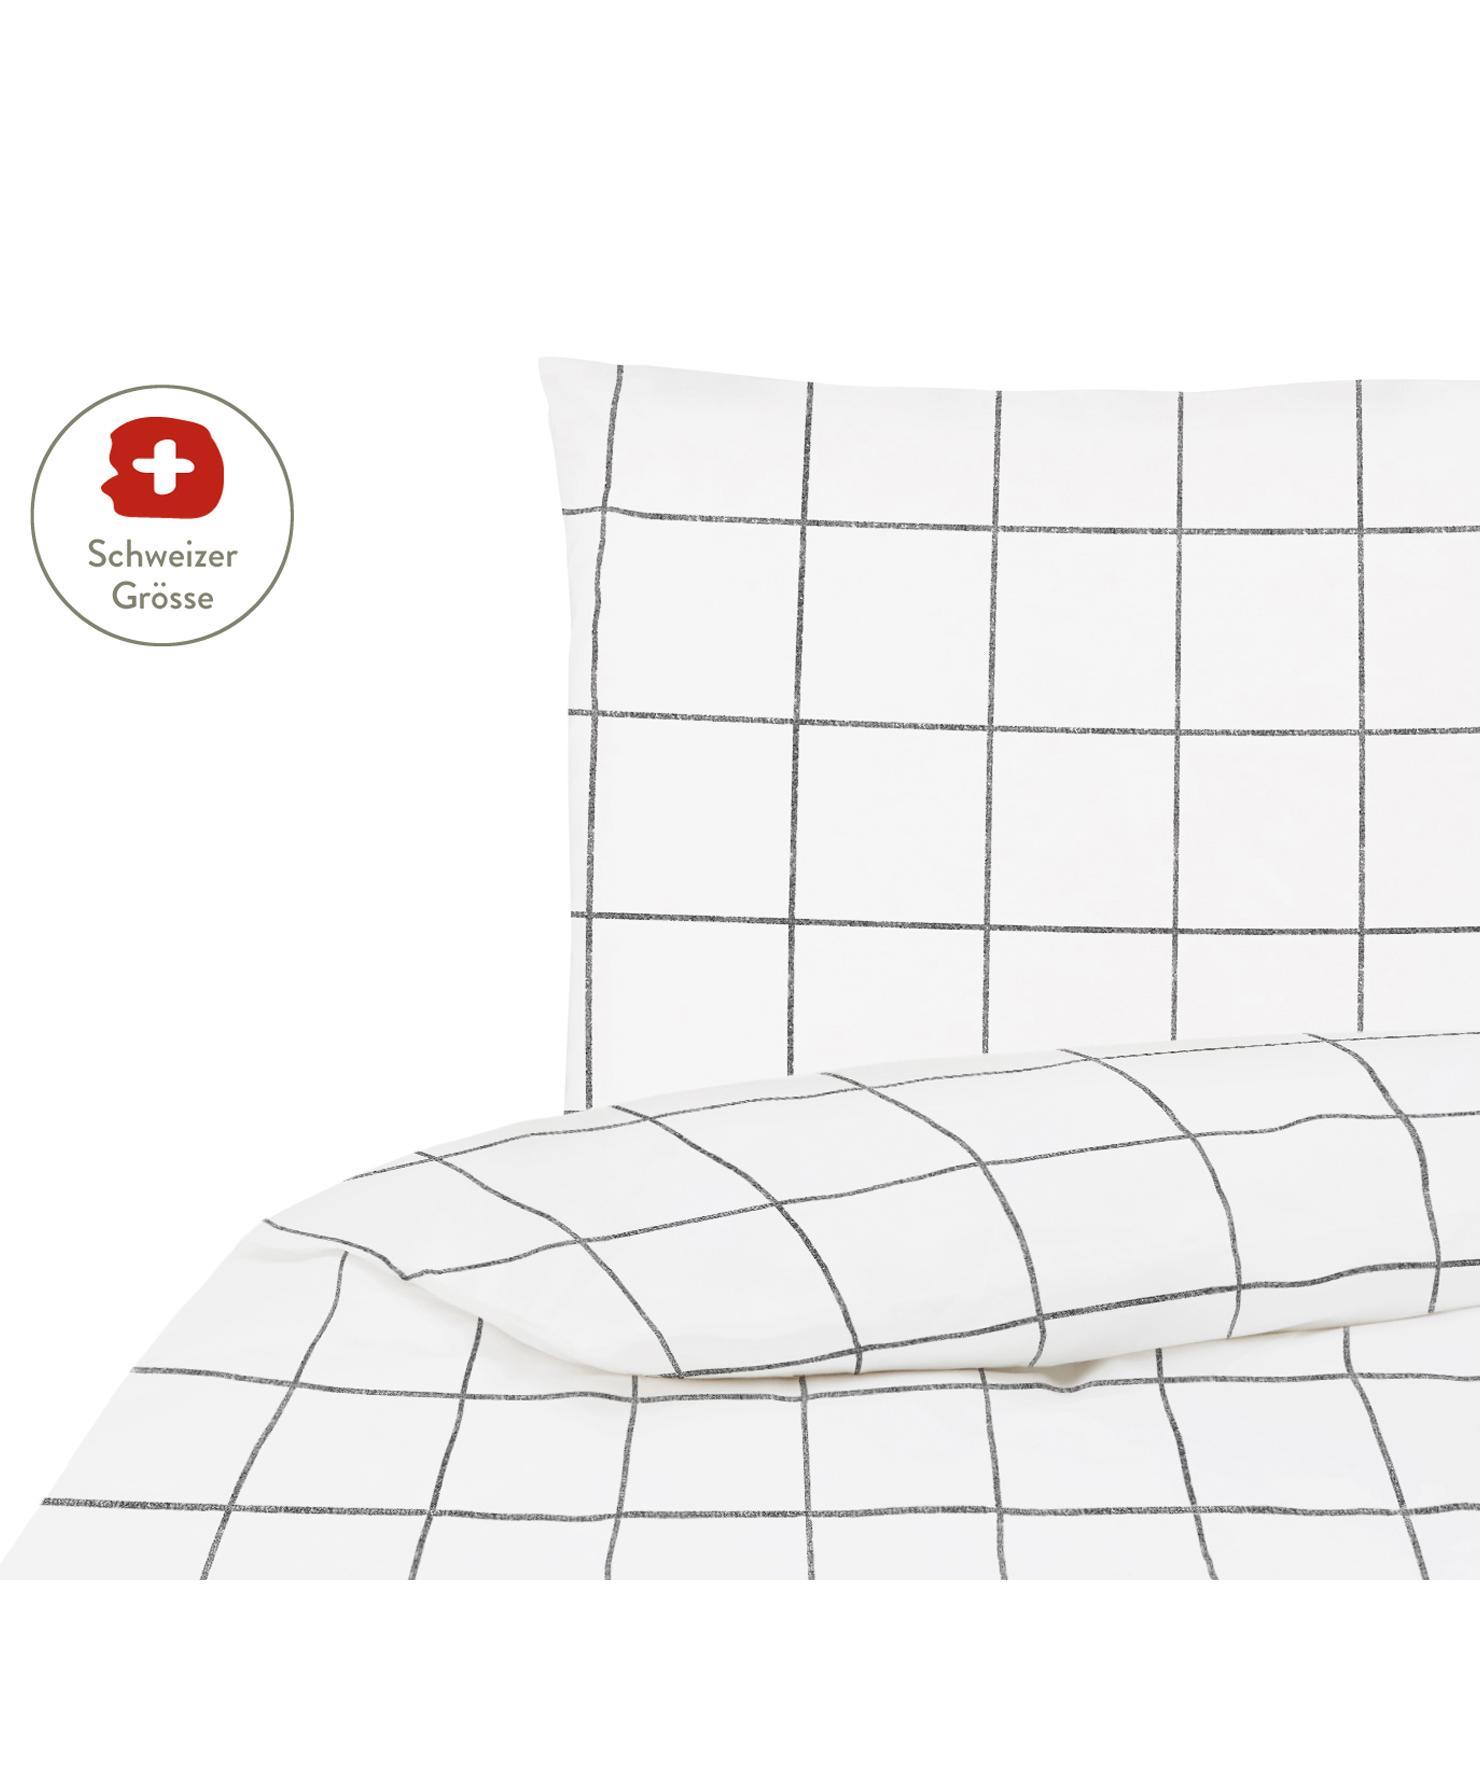 Karierter Baumwollperkal-Bettdeckenbezug Juna, Webart: Perkal Fadendichte 180 TC, Weiss, Schwarz, 160 x 210 cm